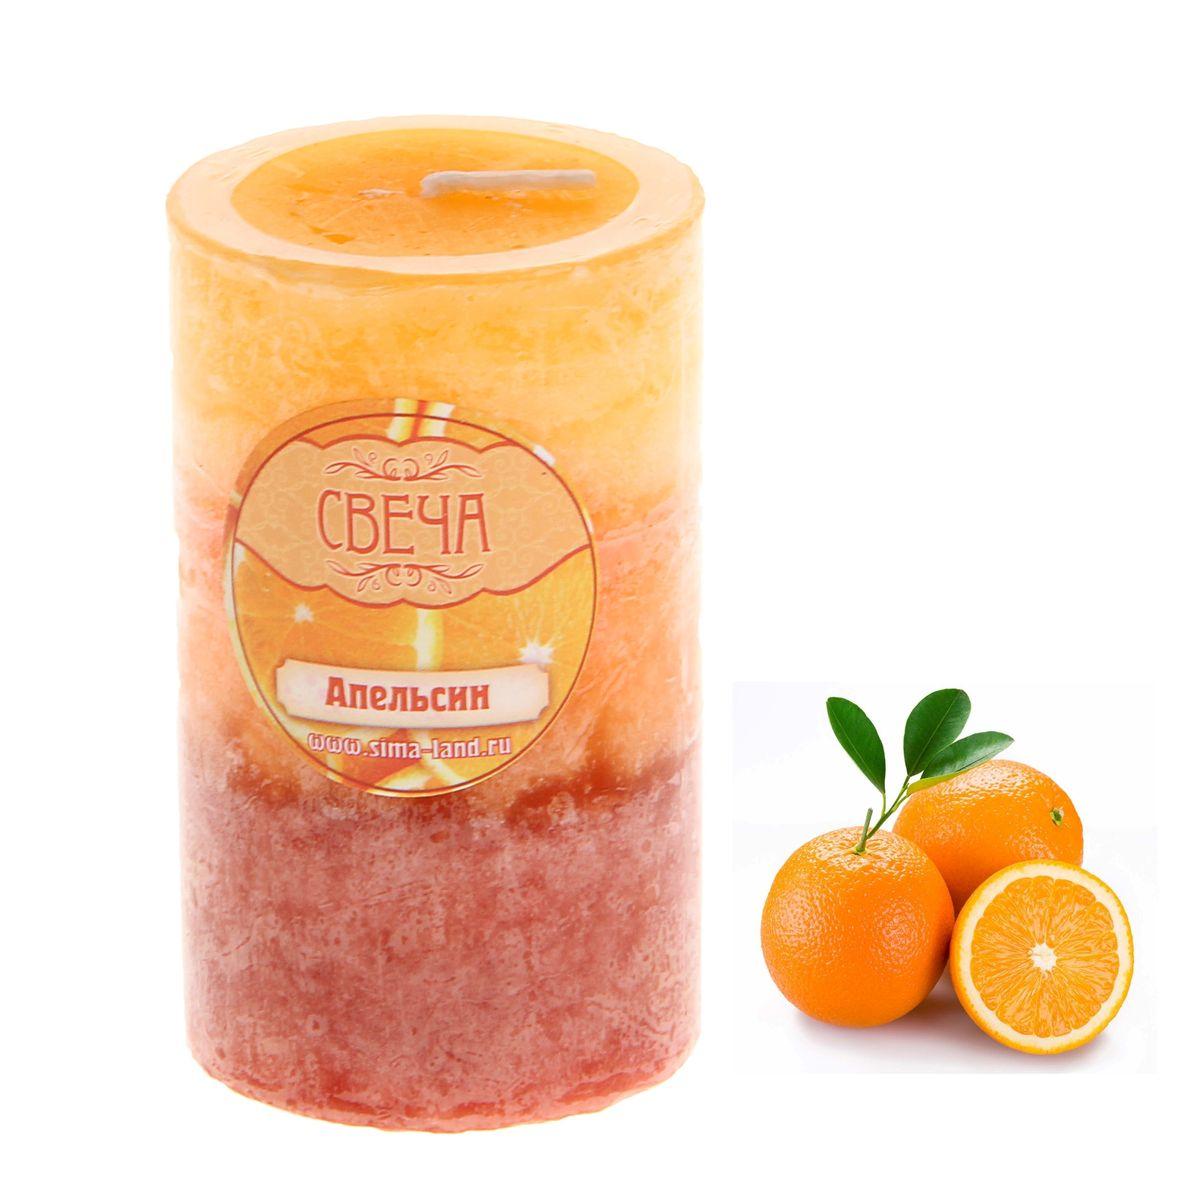 Свеча ароматизированная Sima-land Апельсин, цвет: оранжевый, рыжий, высота 7,5 см907657Свеча Sima-land Апельсин выполнена из воска в виде столбика. Свеча наполнит дом сочным ароматом апельсина, который понравится как женщинам, так и мужчинам. Создайте для себя и своих близких не забываемую атмосферу праздника. Ароматическая свеча Sima-land Апельсин раскрасит серые будни яркими красками.